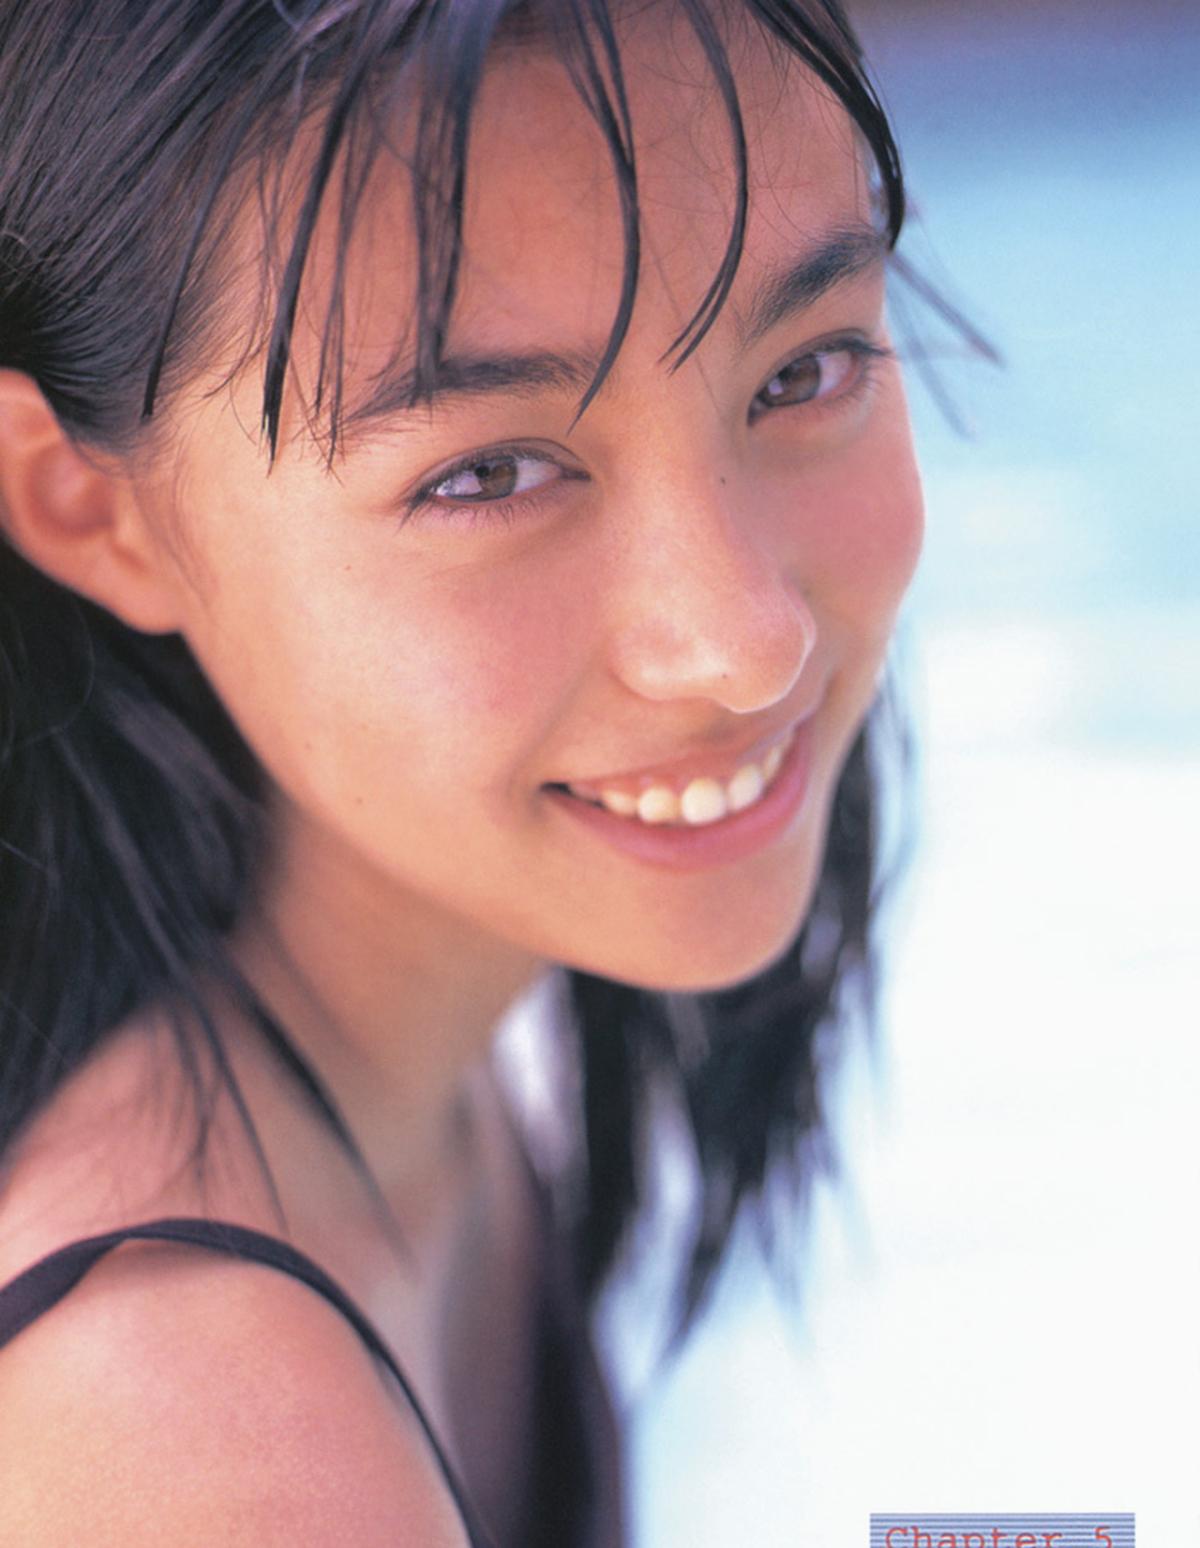 被锁在保险柜里的日本艺人吹石一惠的写真作品 (12)